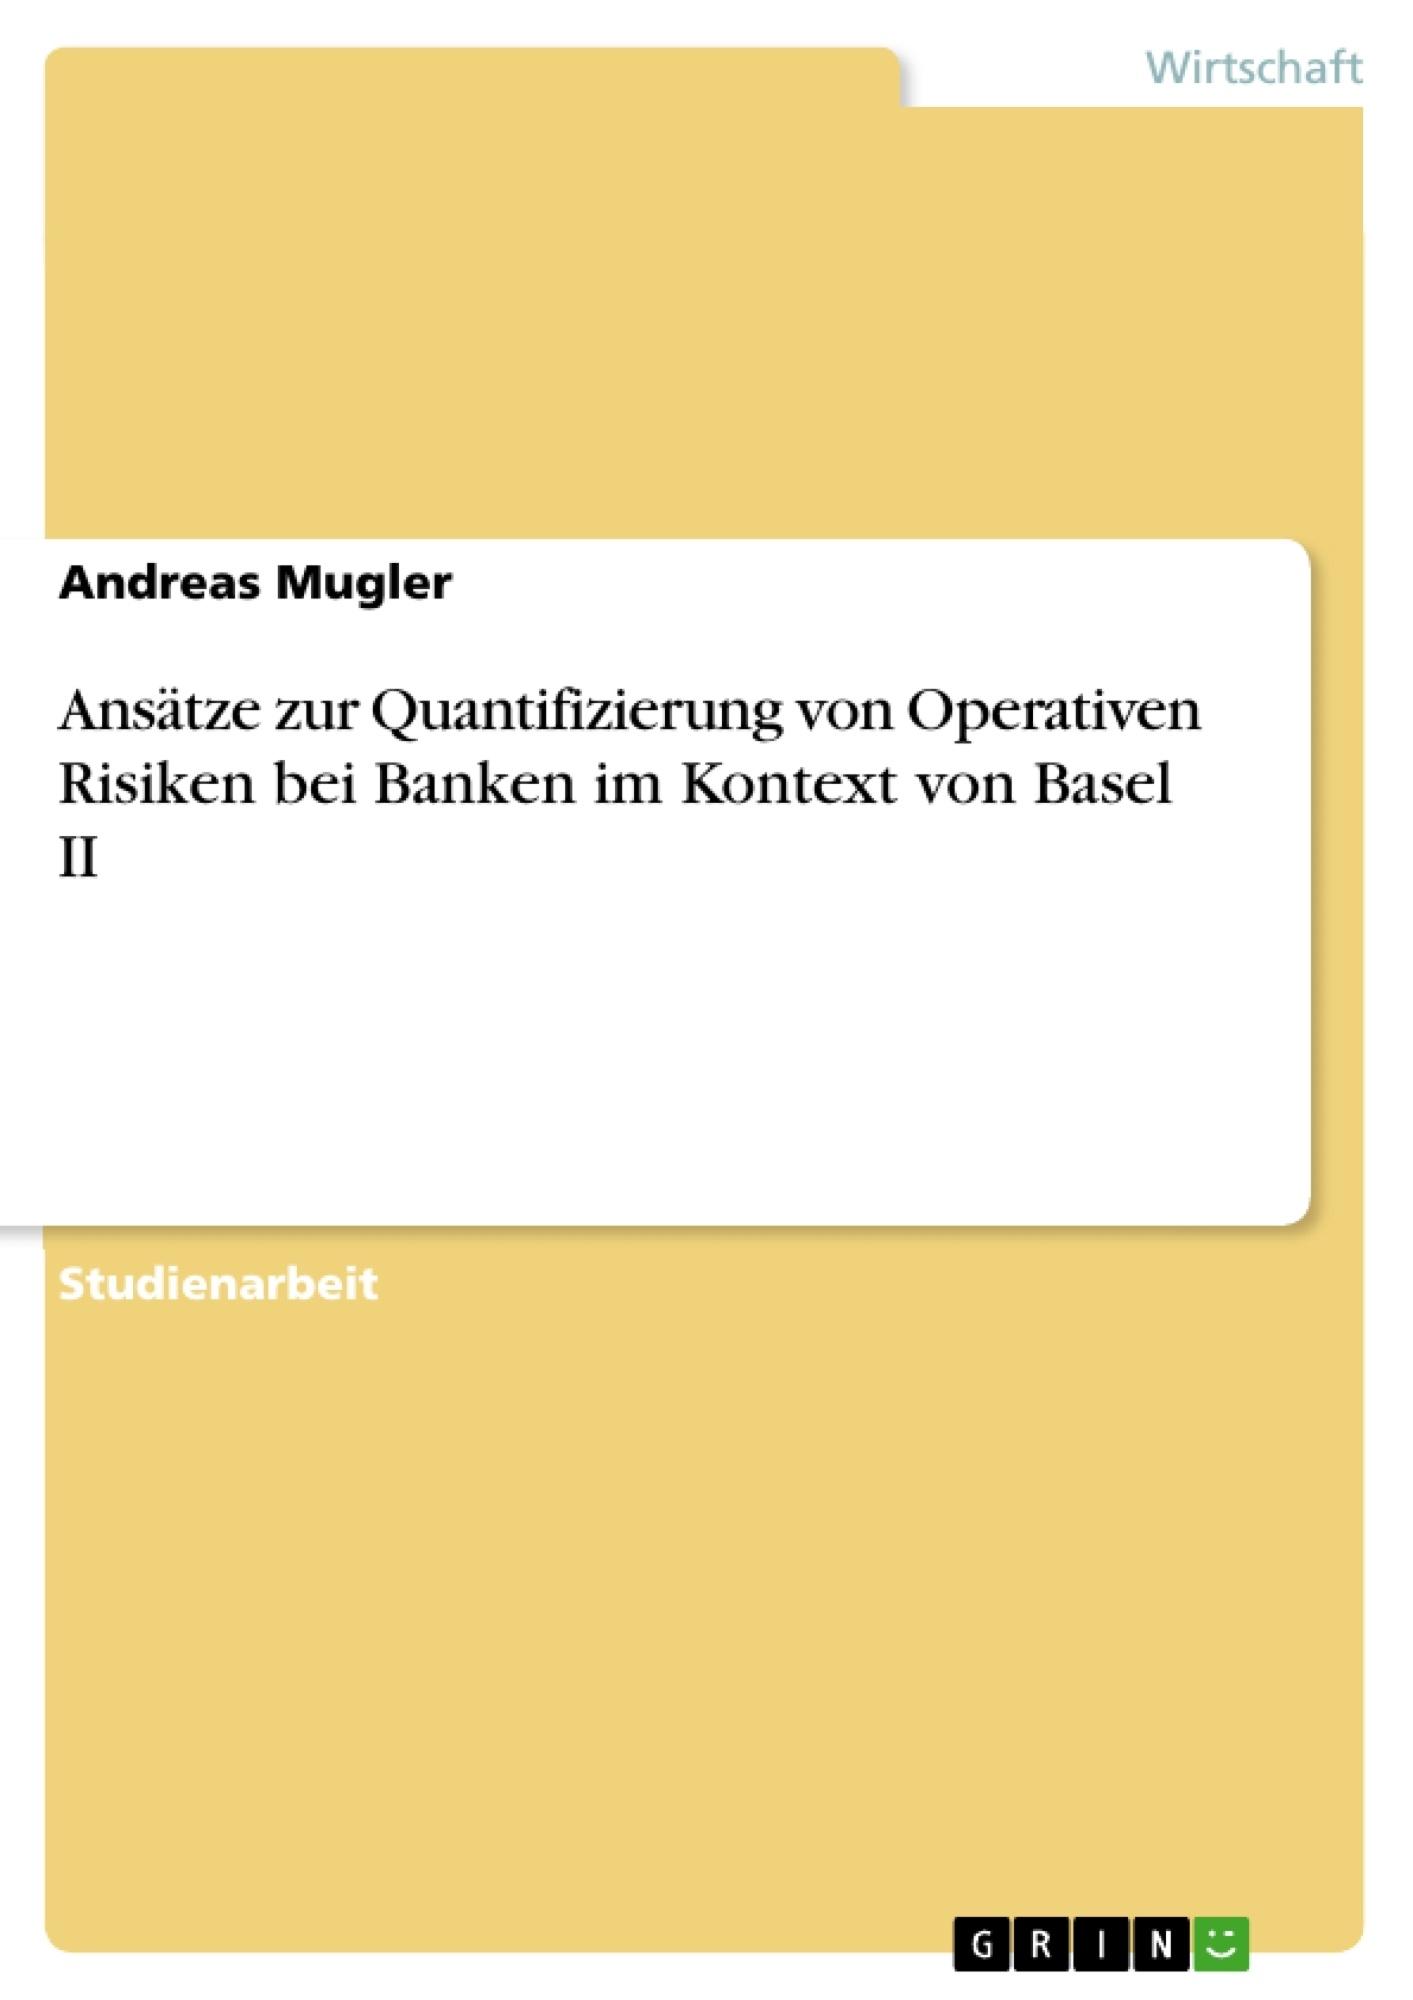 Titel: Ansätze zur Quantifizierung von Operativen Risiken bei Banken im Kontext von Basel II